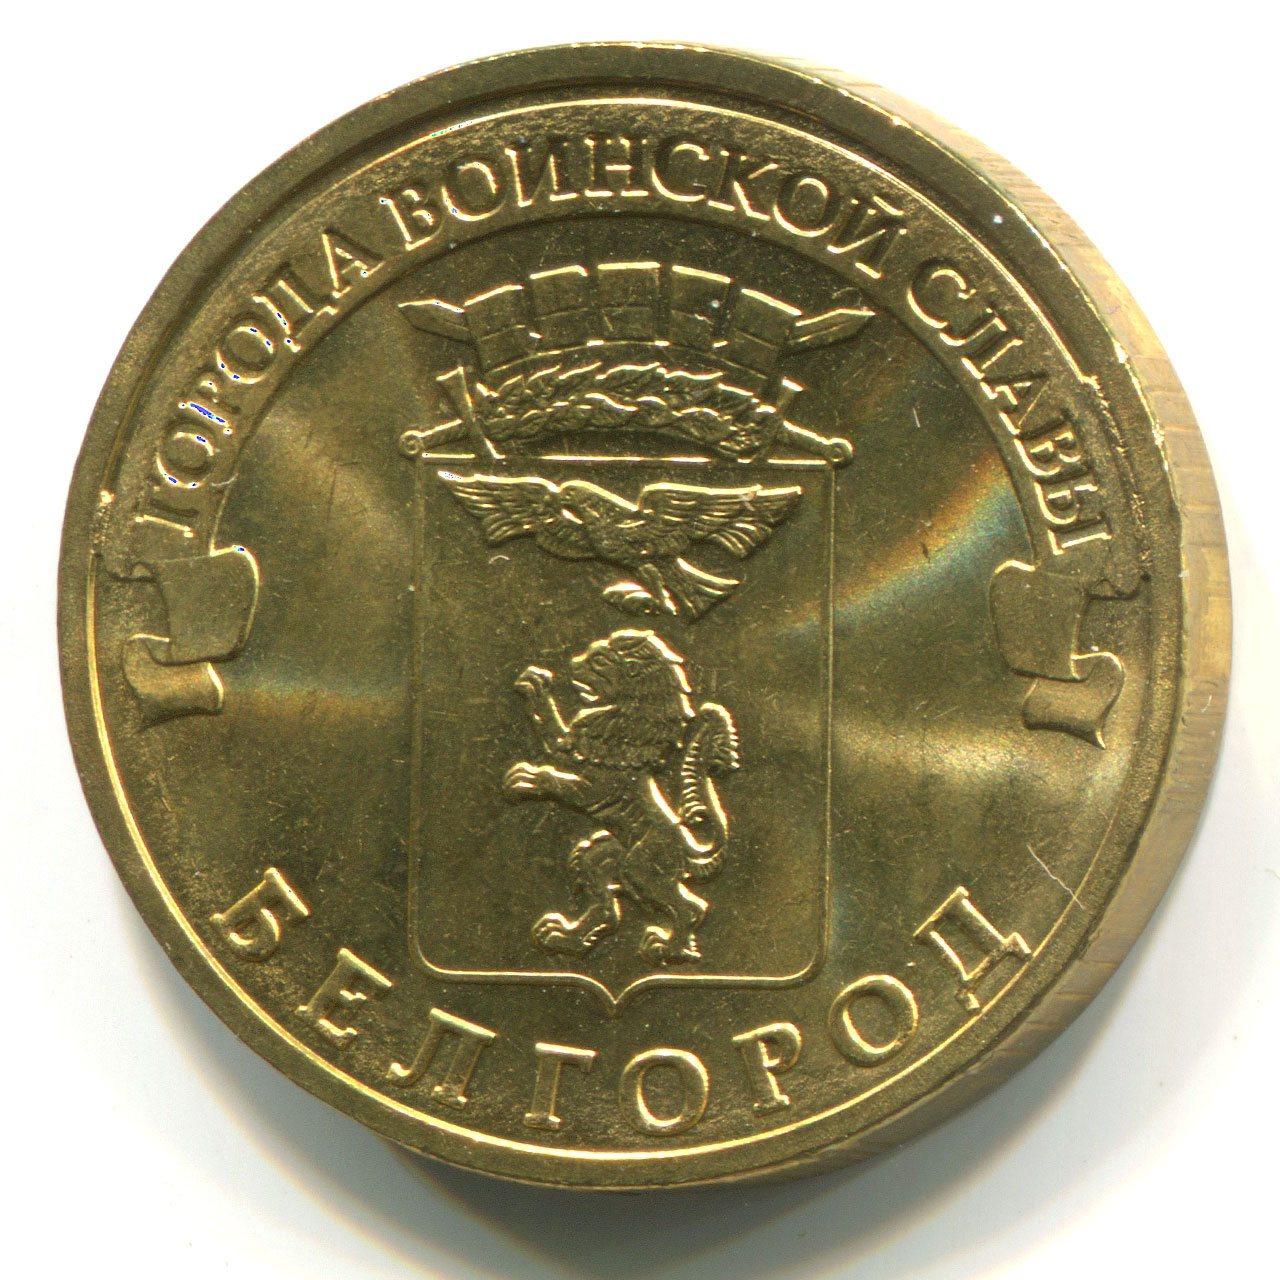 Монета 10 рублей белгород монета украина польша купить